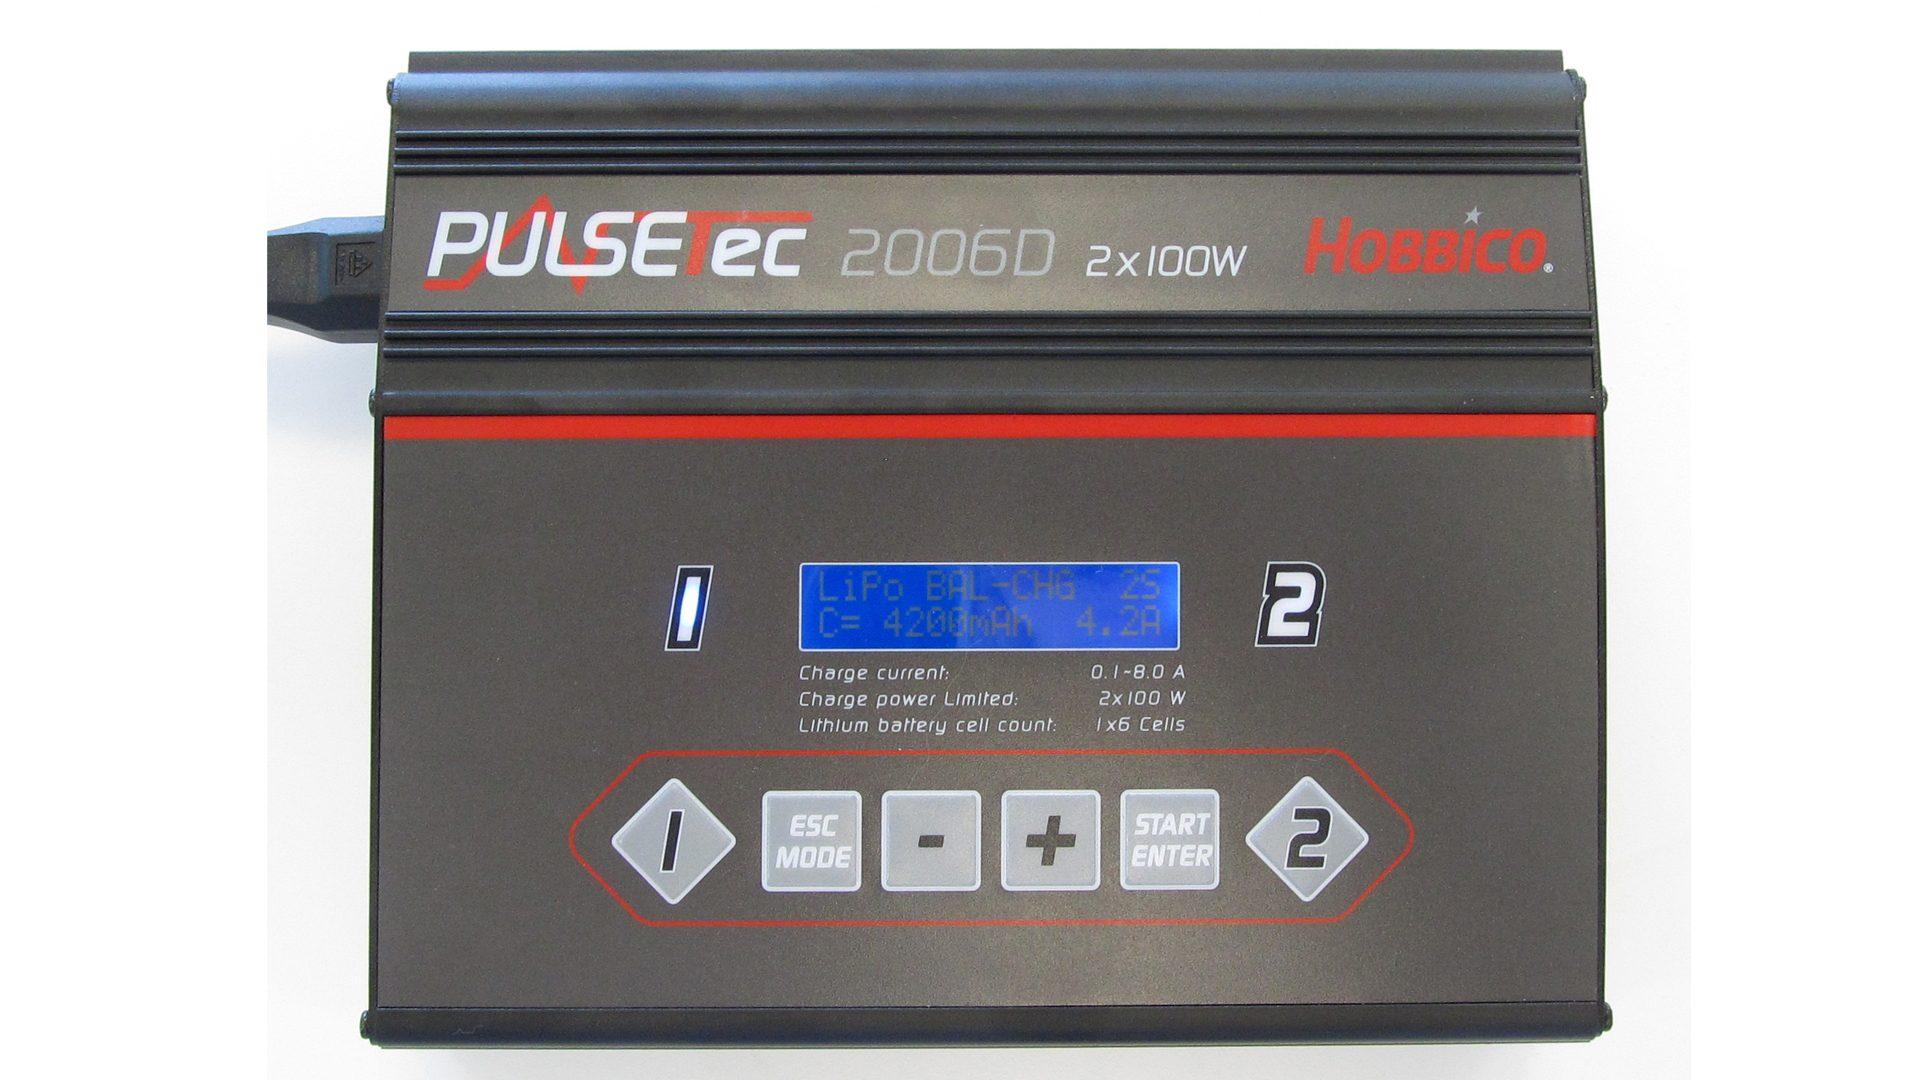 Akku-Ladegerät:  Hobbico PulseTec 2006 – Ladegerät [Ladeprogramme für NiCd-, NiMH-, LiPo-/LiFe-/LiIo- und Blei-Akkus]